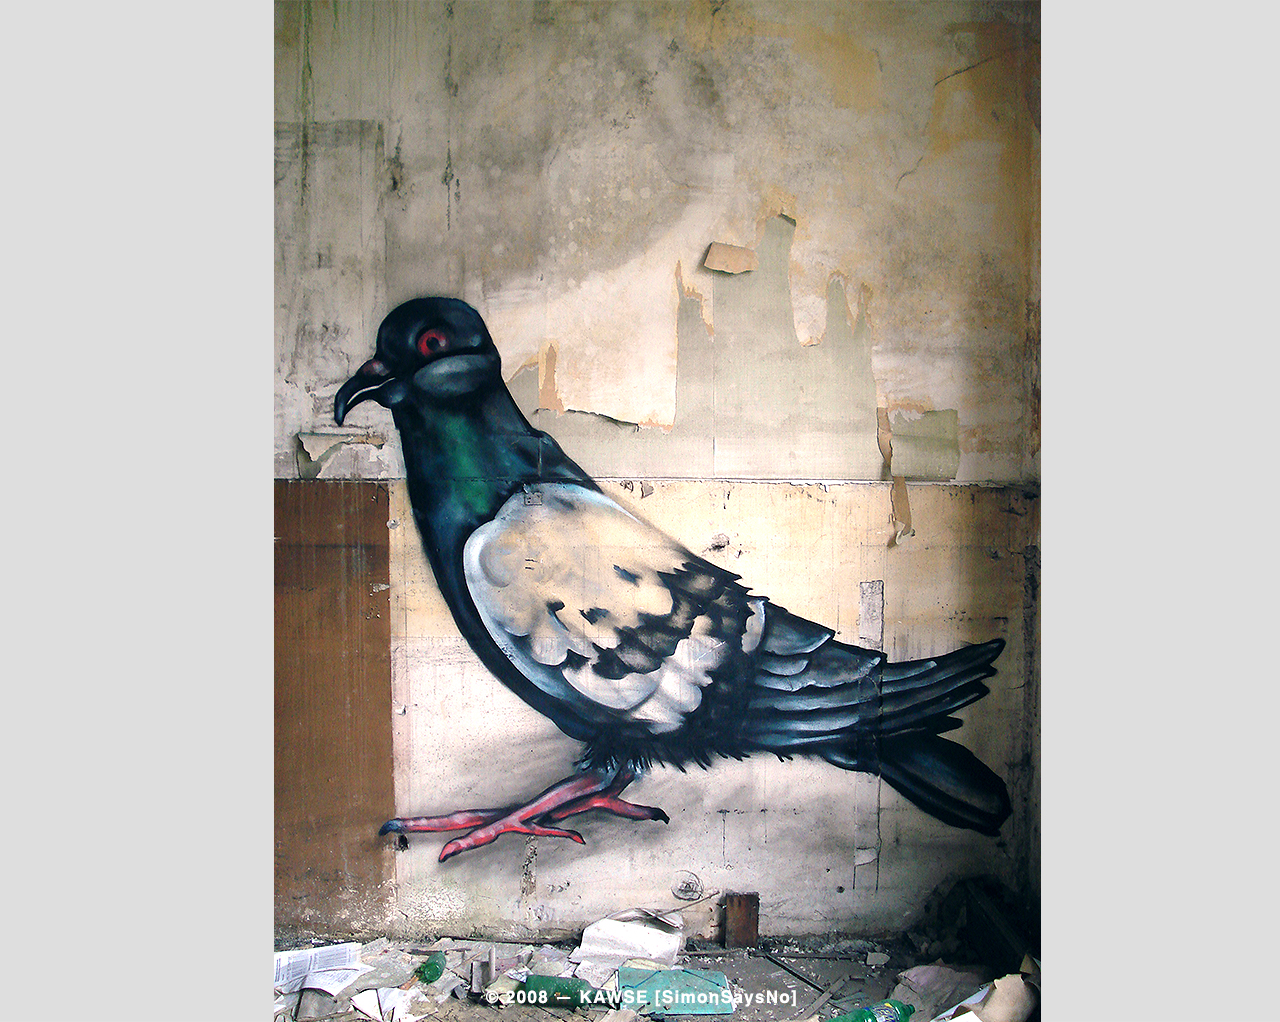 KAWSE 2008 — PIGEON [Illustration]